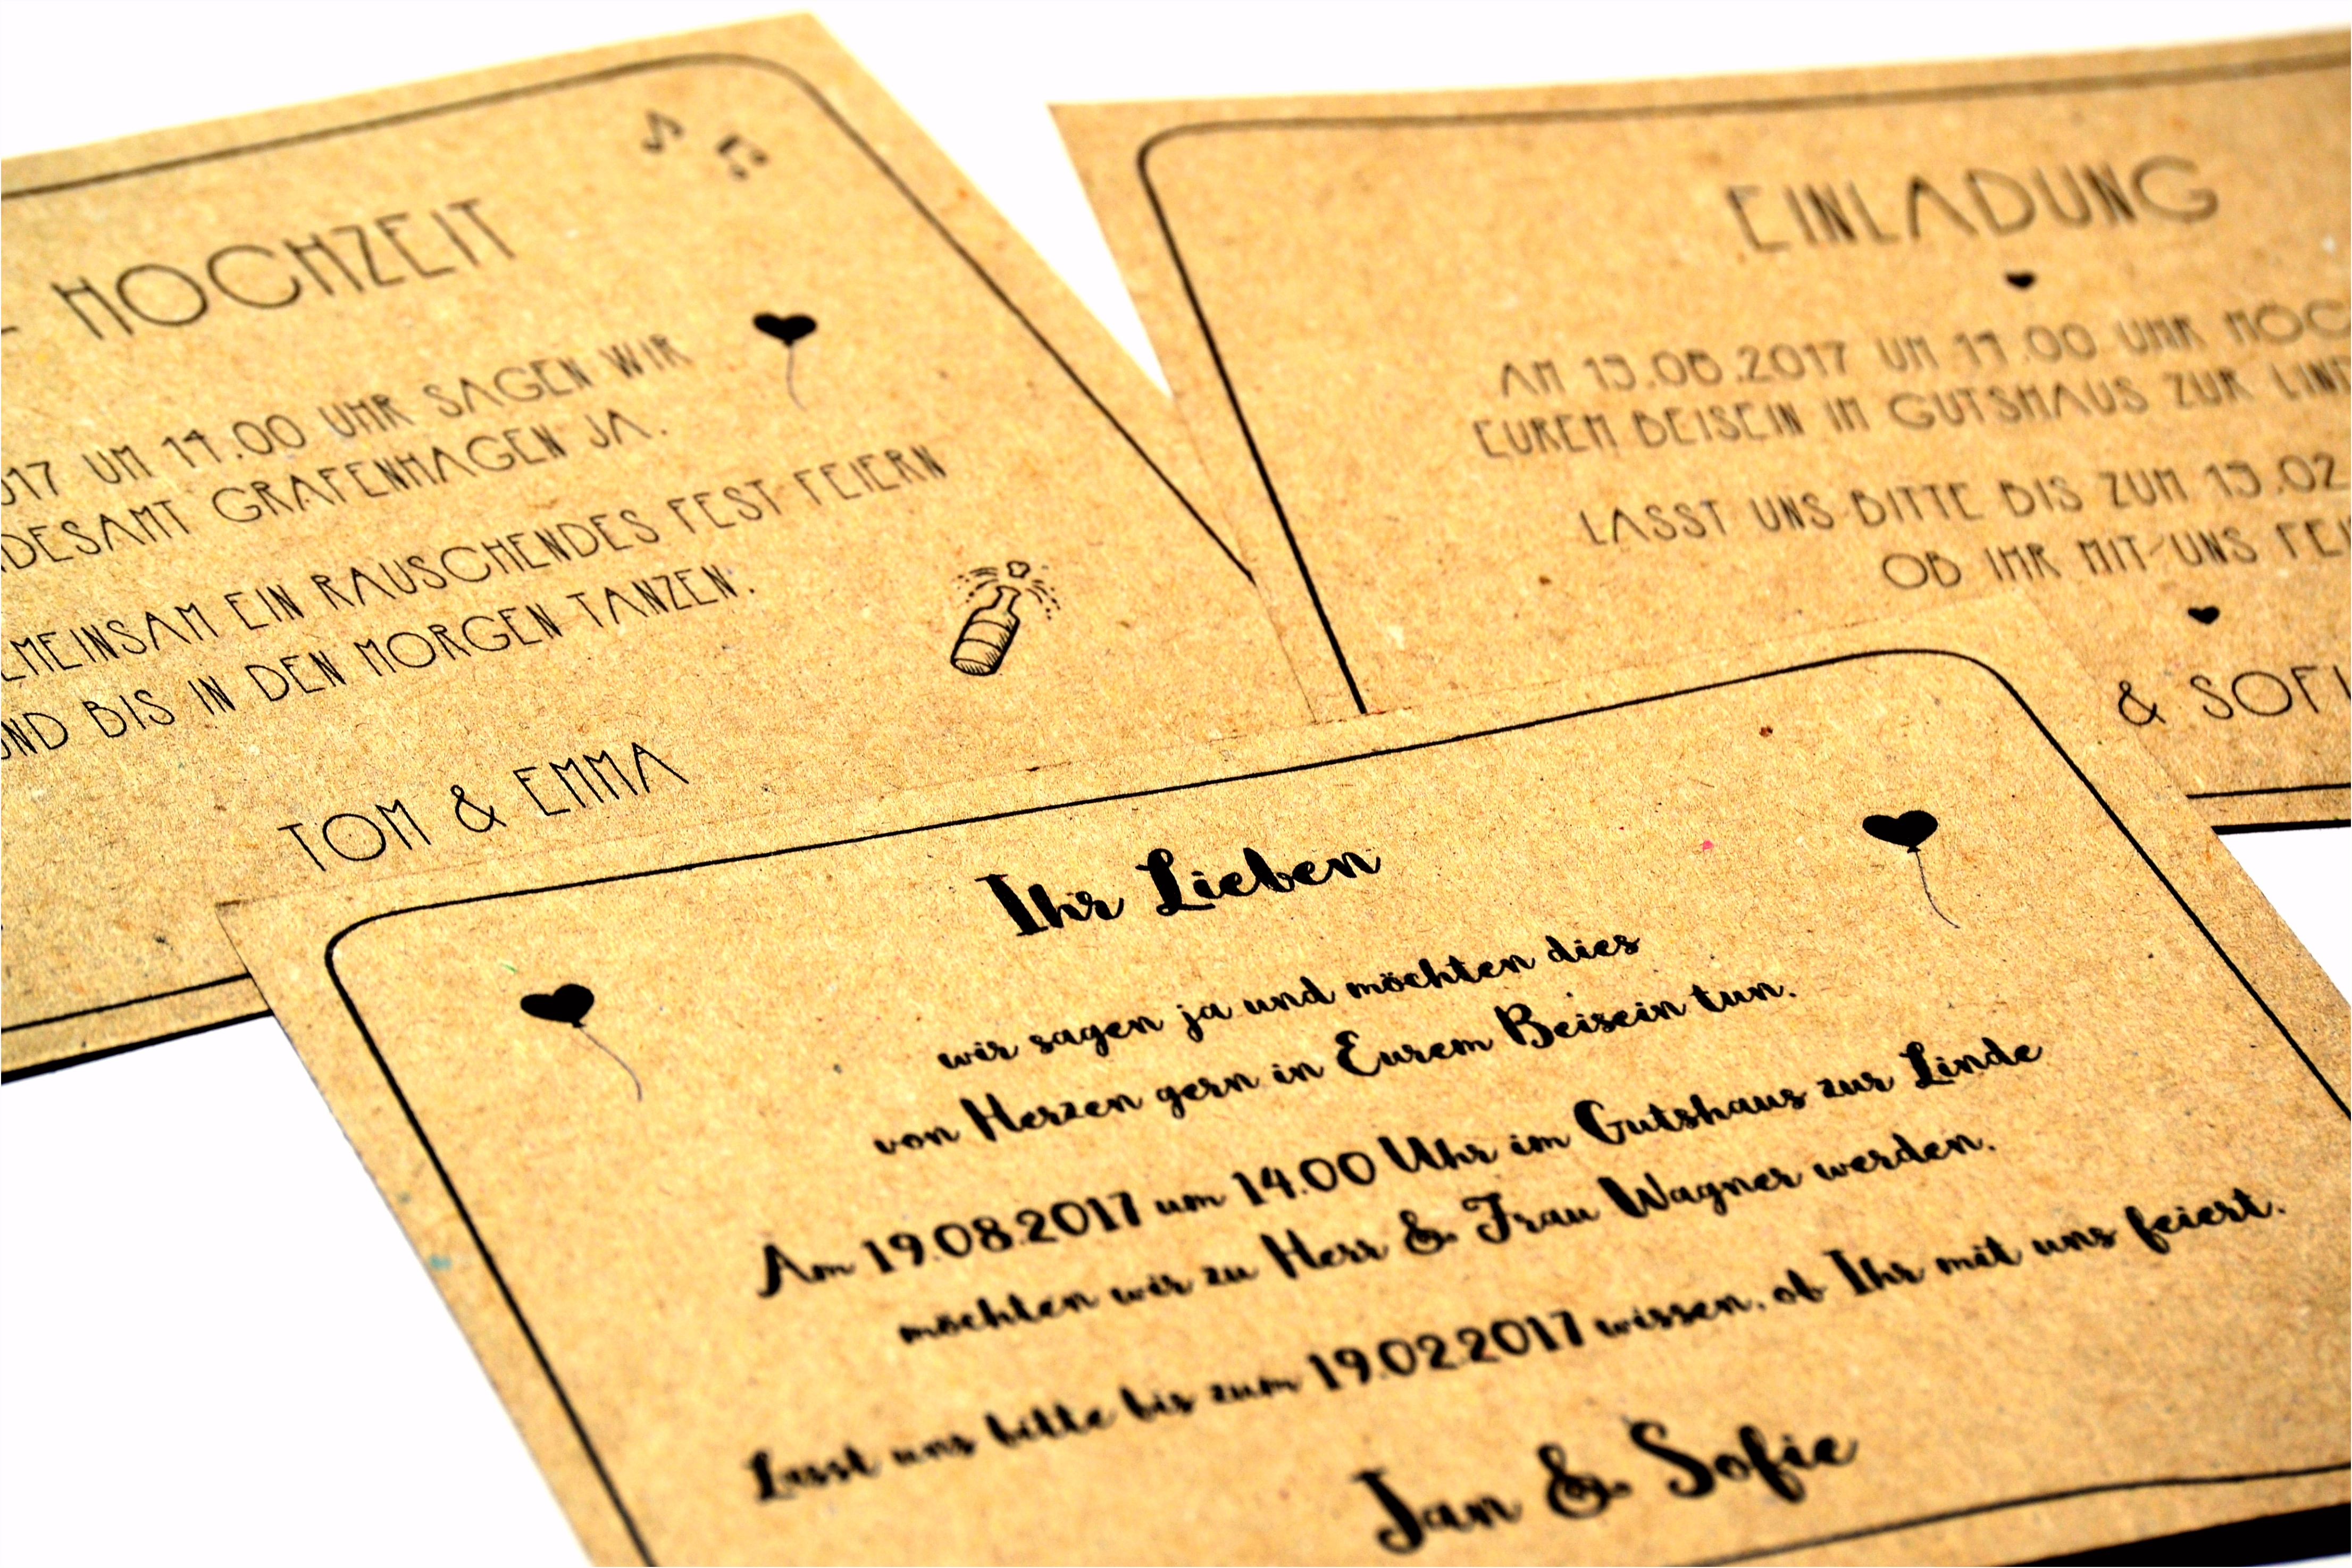 Einladungen Muster Vorlage Einladung Essen Vorlage Einladung Party